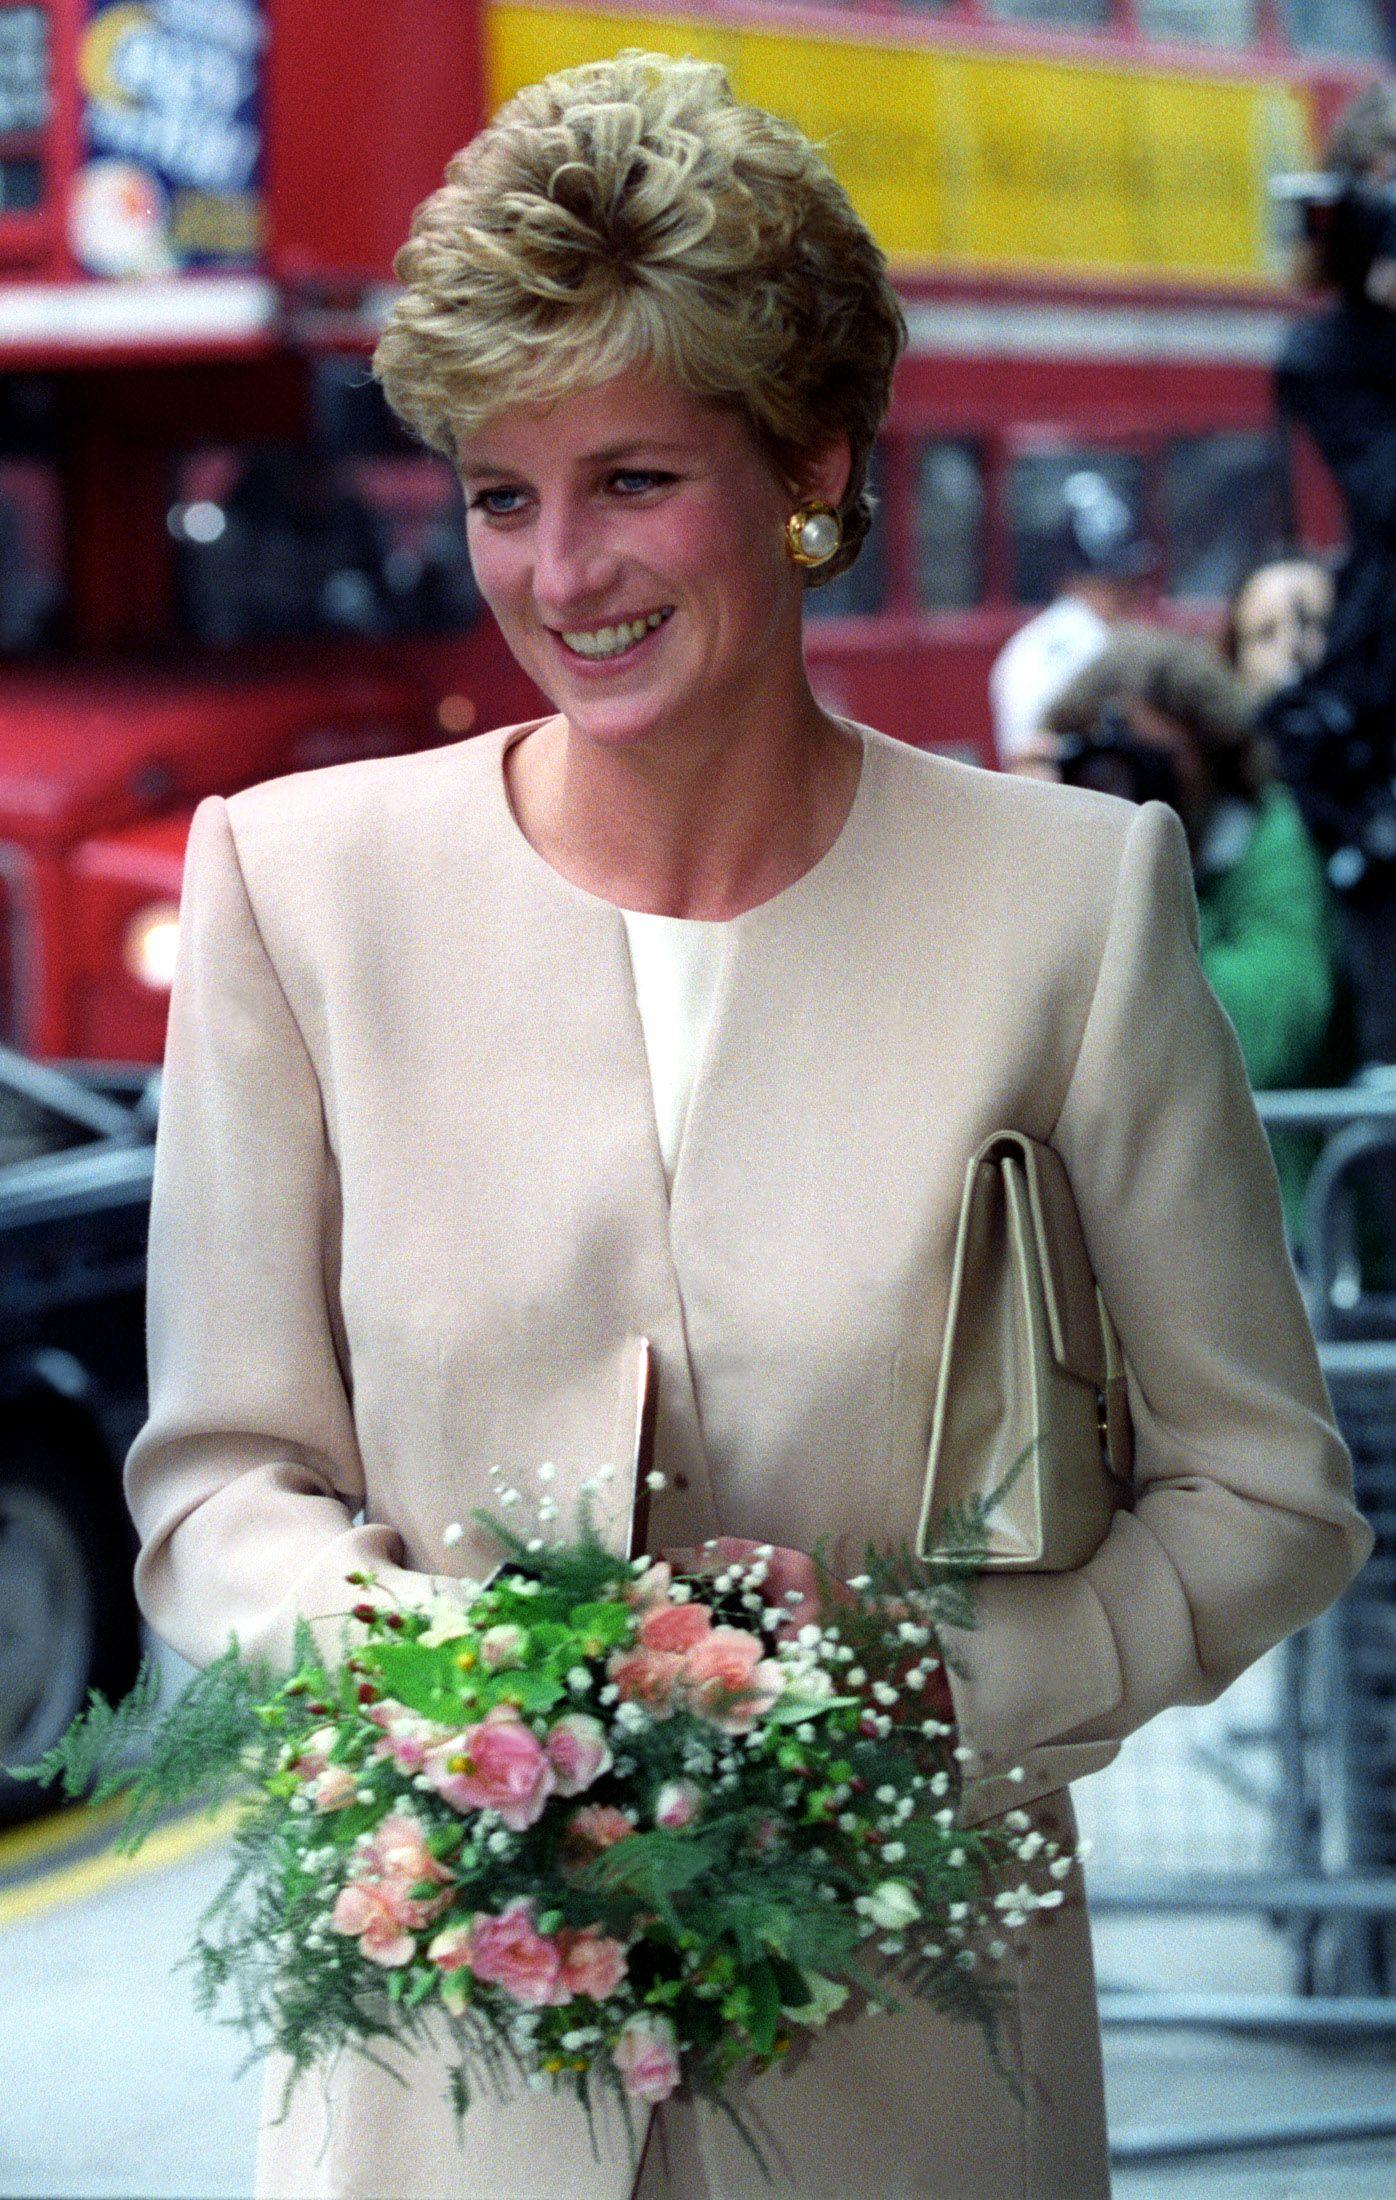 Le 31 août 1997, la princesse Diana perdait la vie dans un grave accident de voiture.